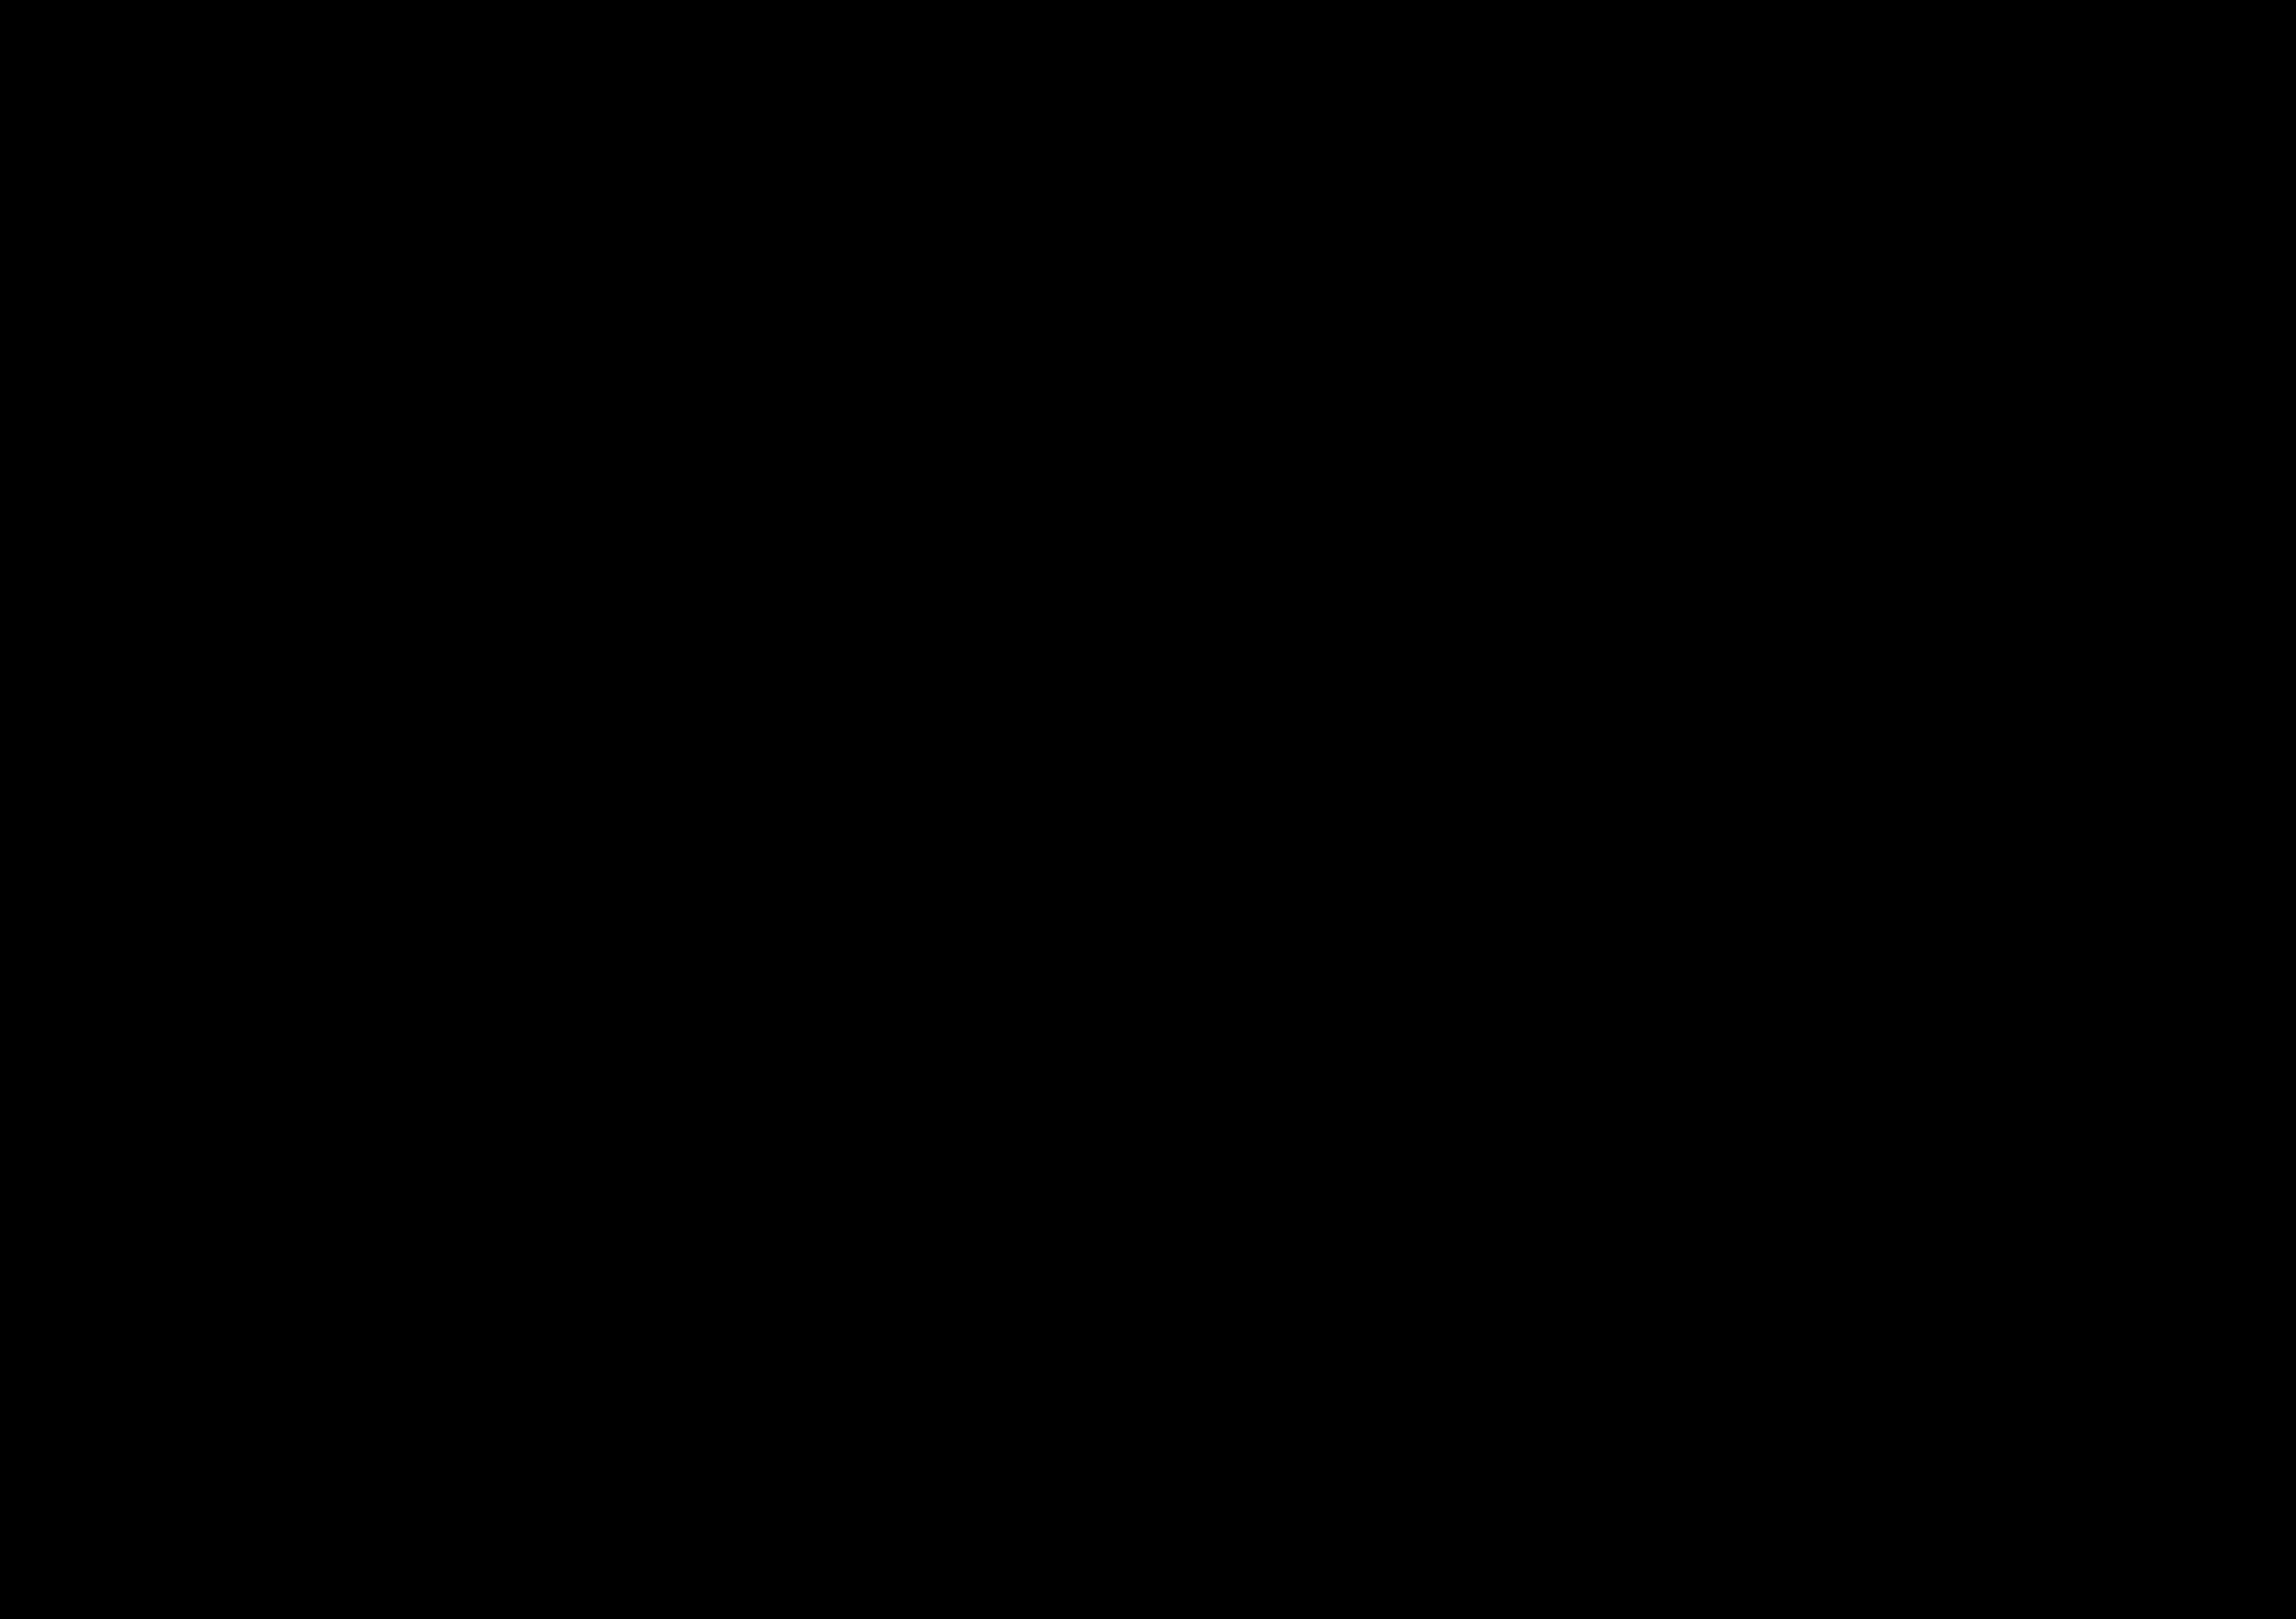 Diager® Torsion bit T-20 25mm 5st per blister